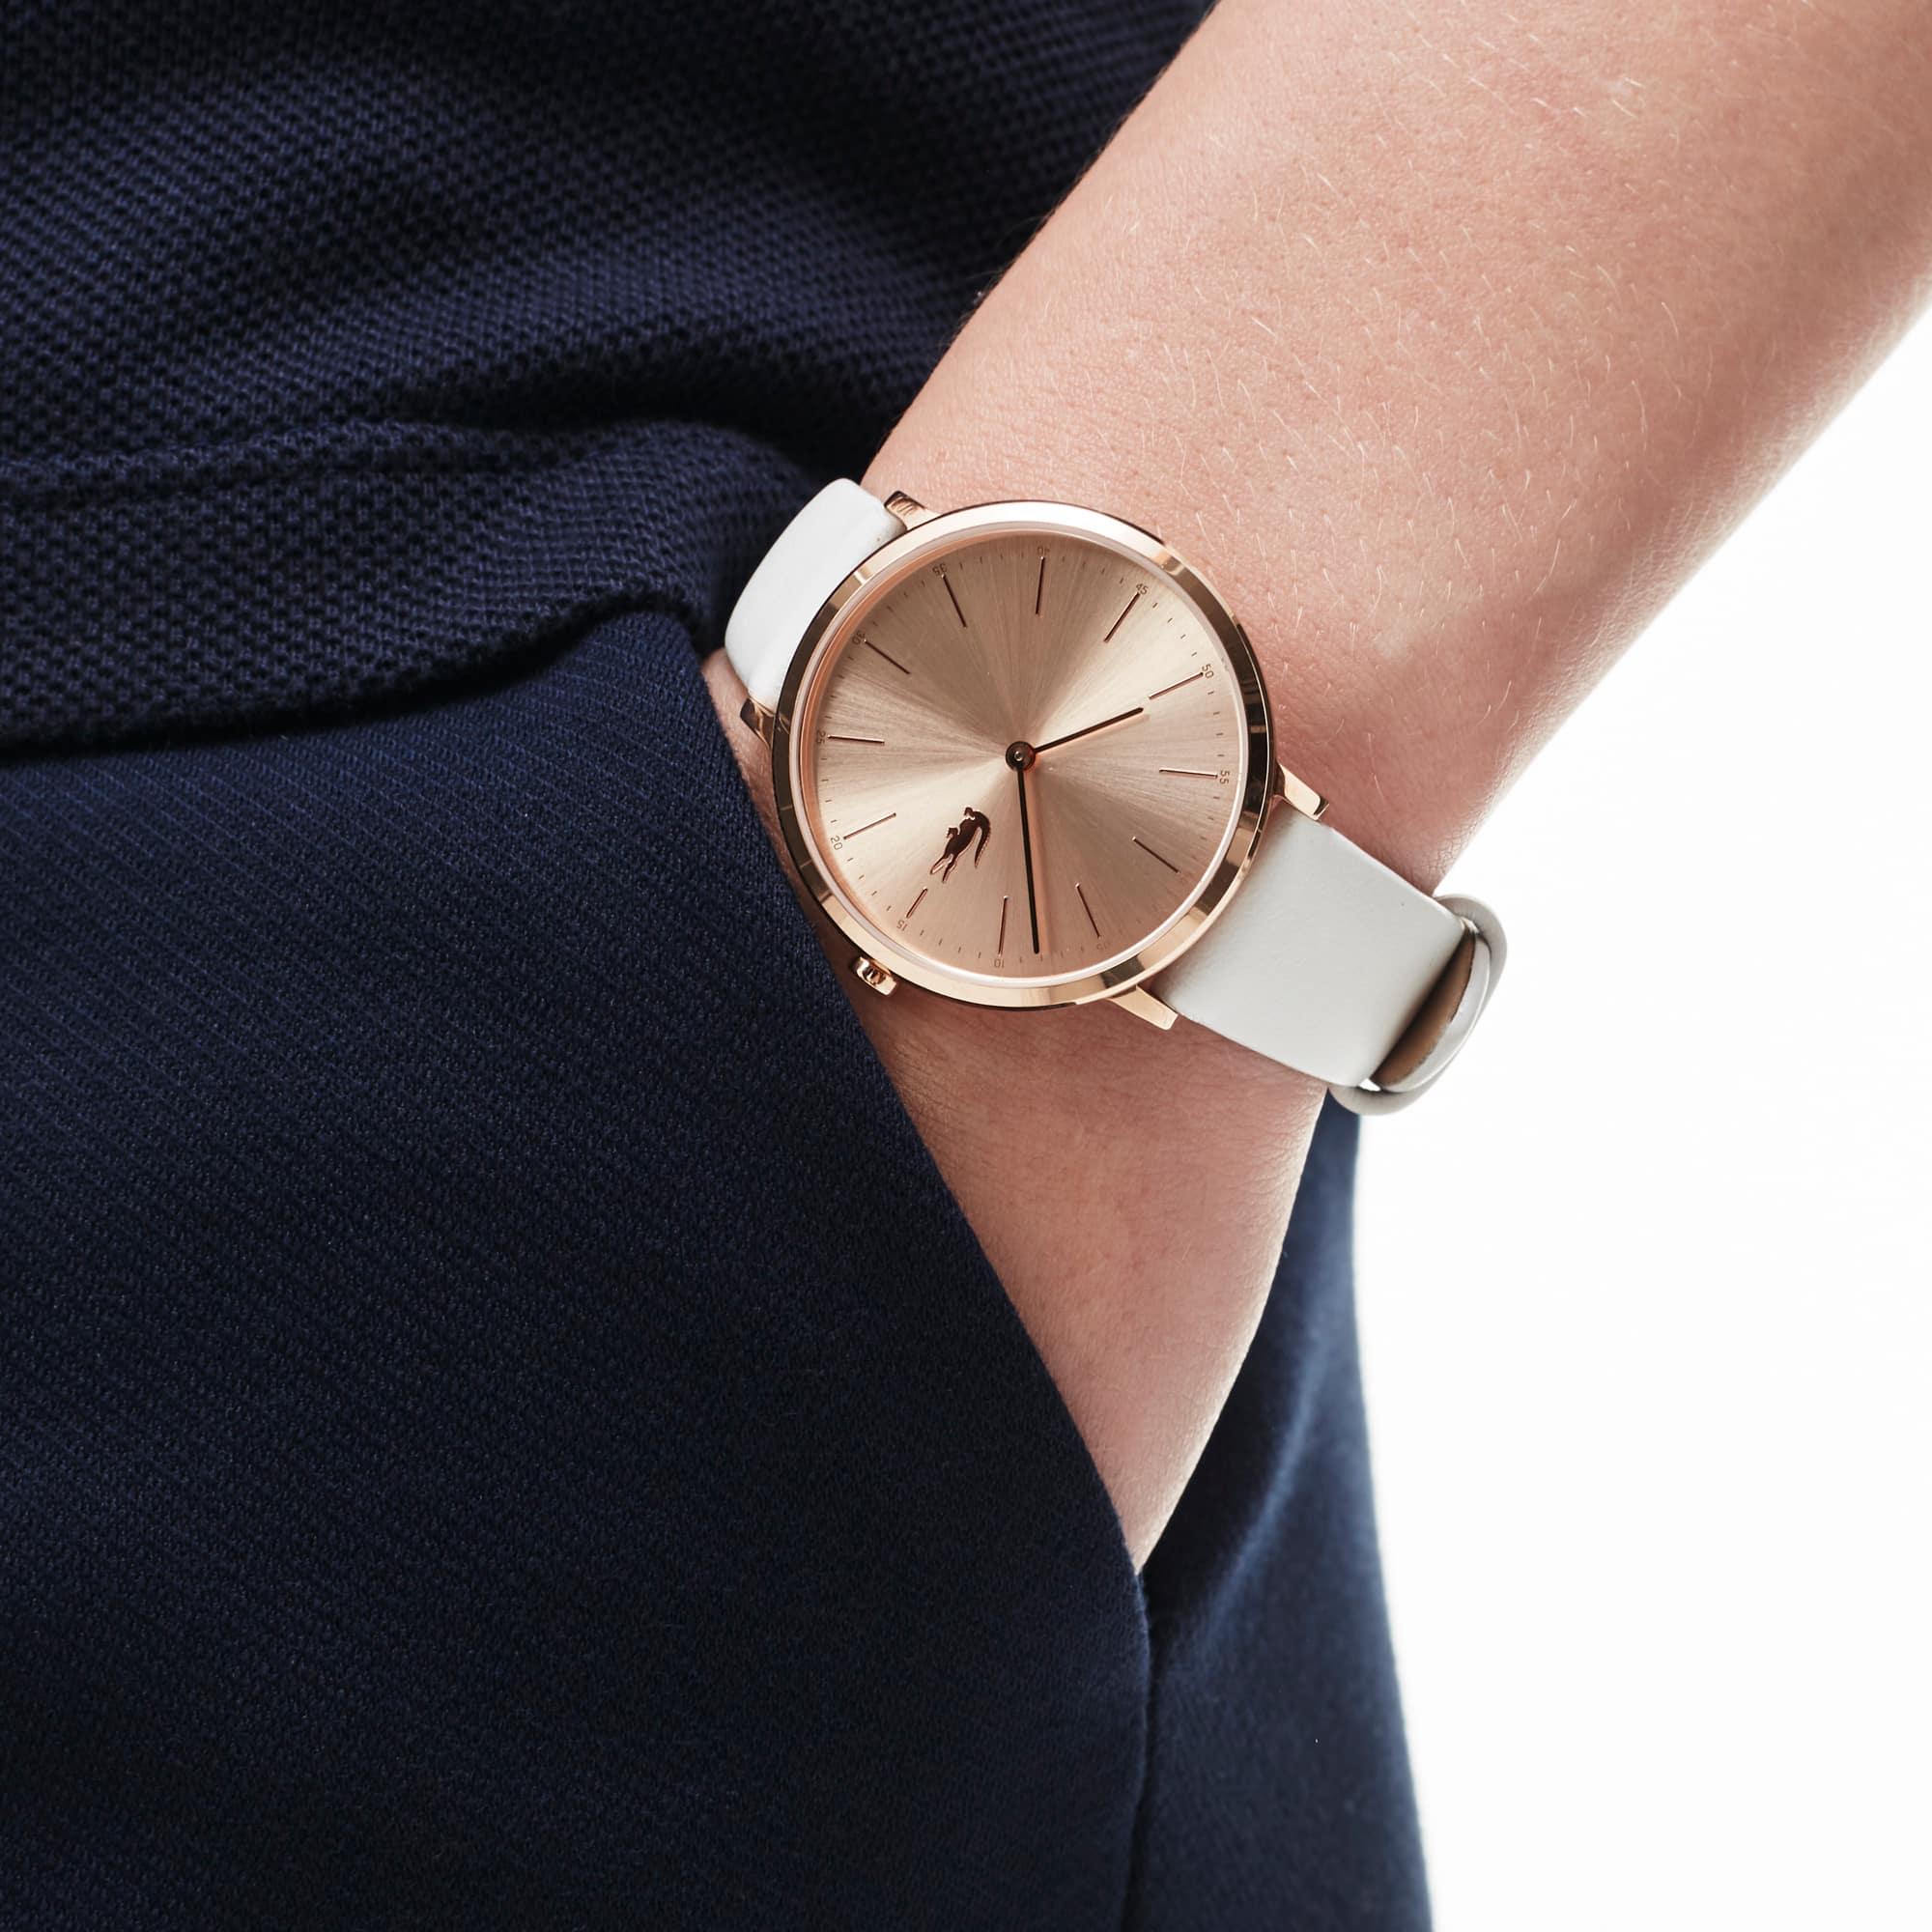 Relógio Moon Senhora com Bracelete em Pele Rosa